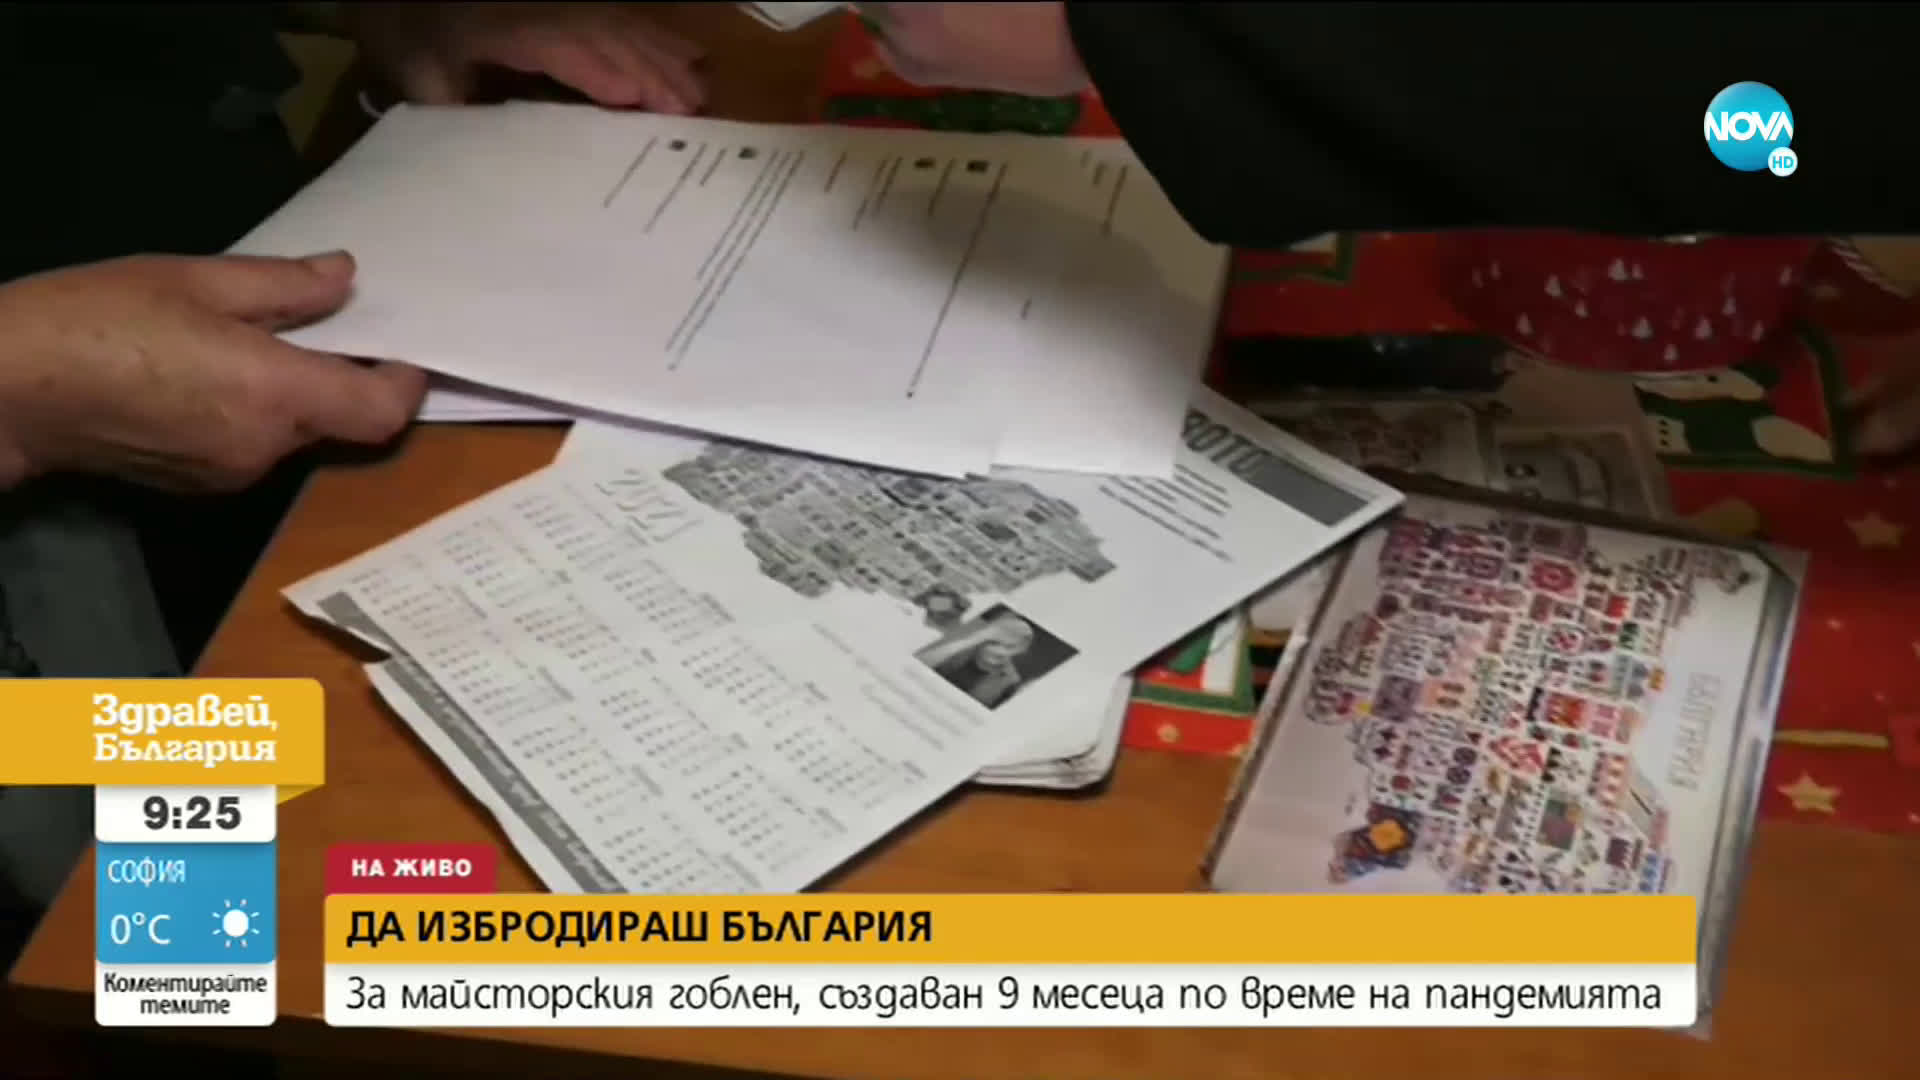 86-годишна жена избродира карта на България с шевици